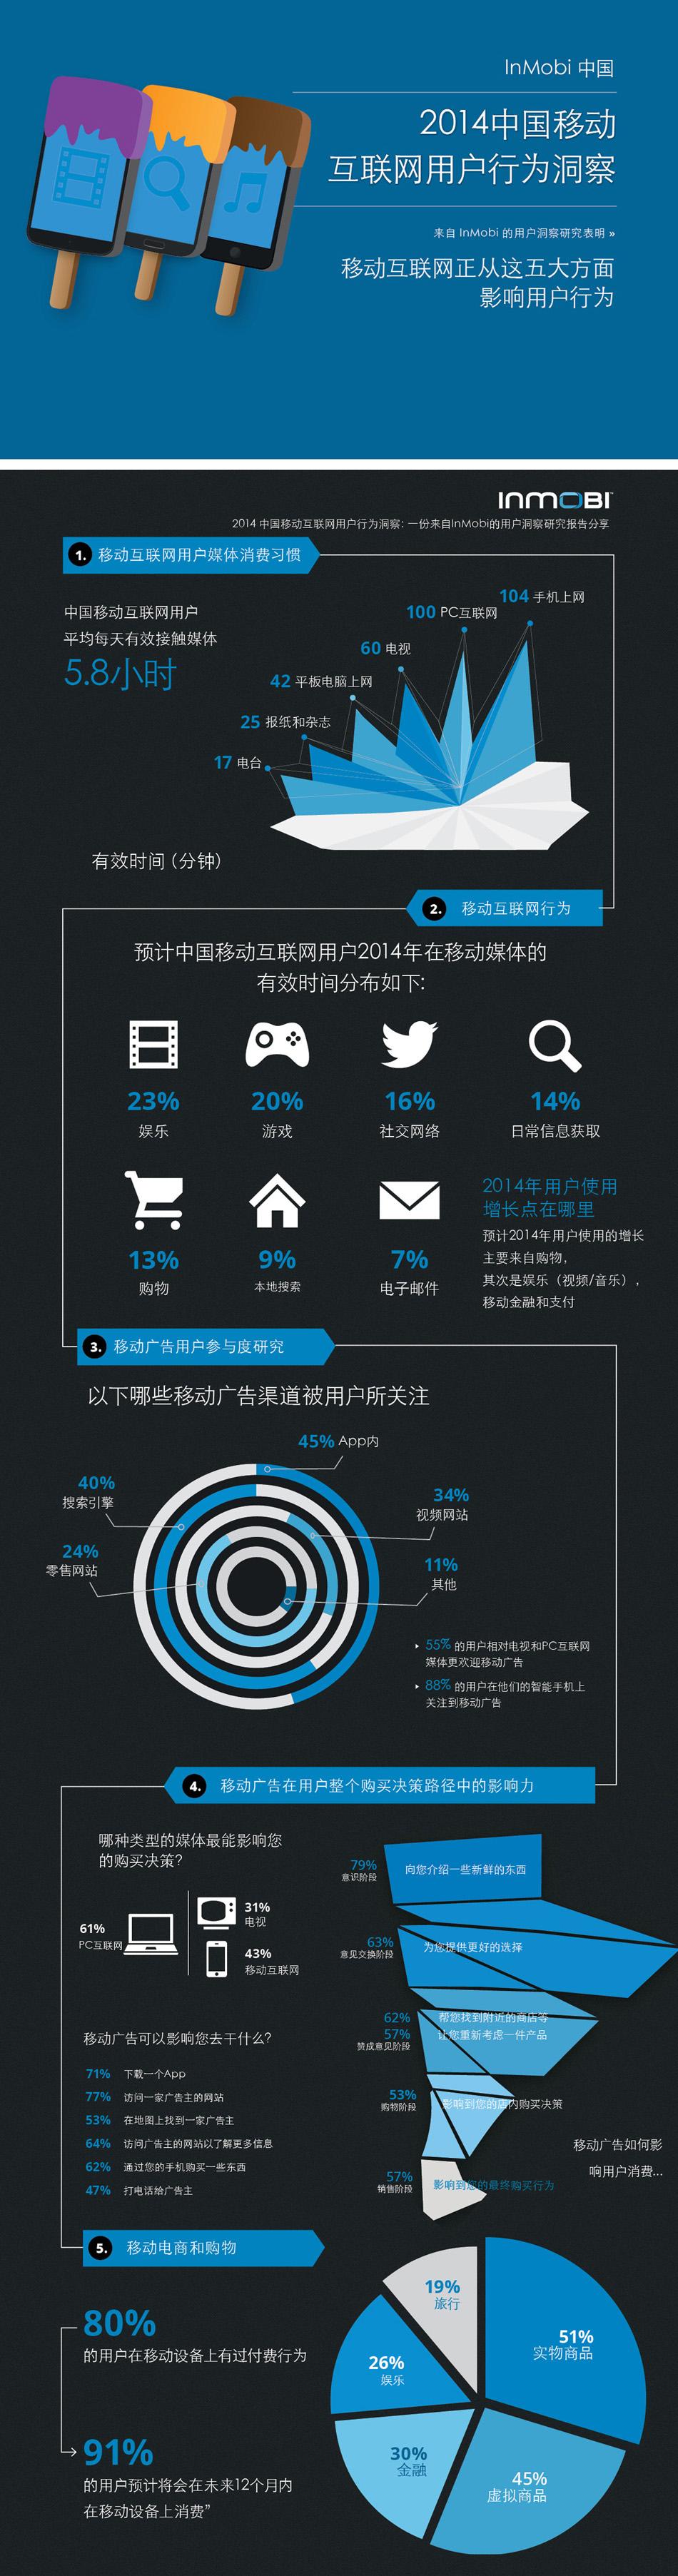 信息图第222期——移动互联网正如何影响用户